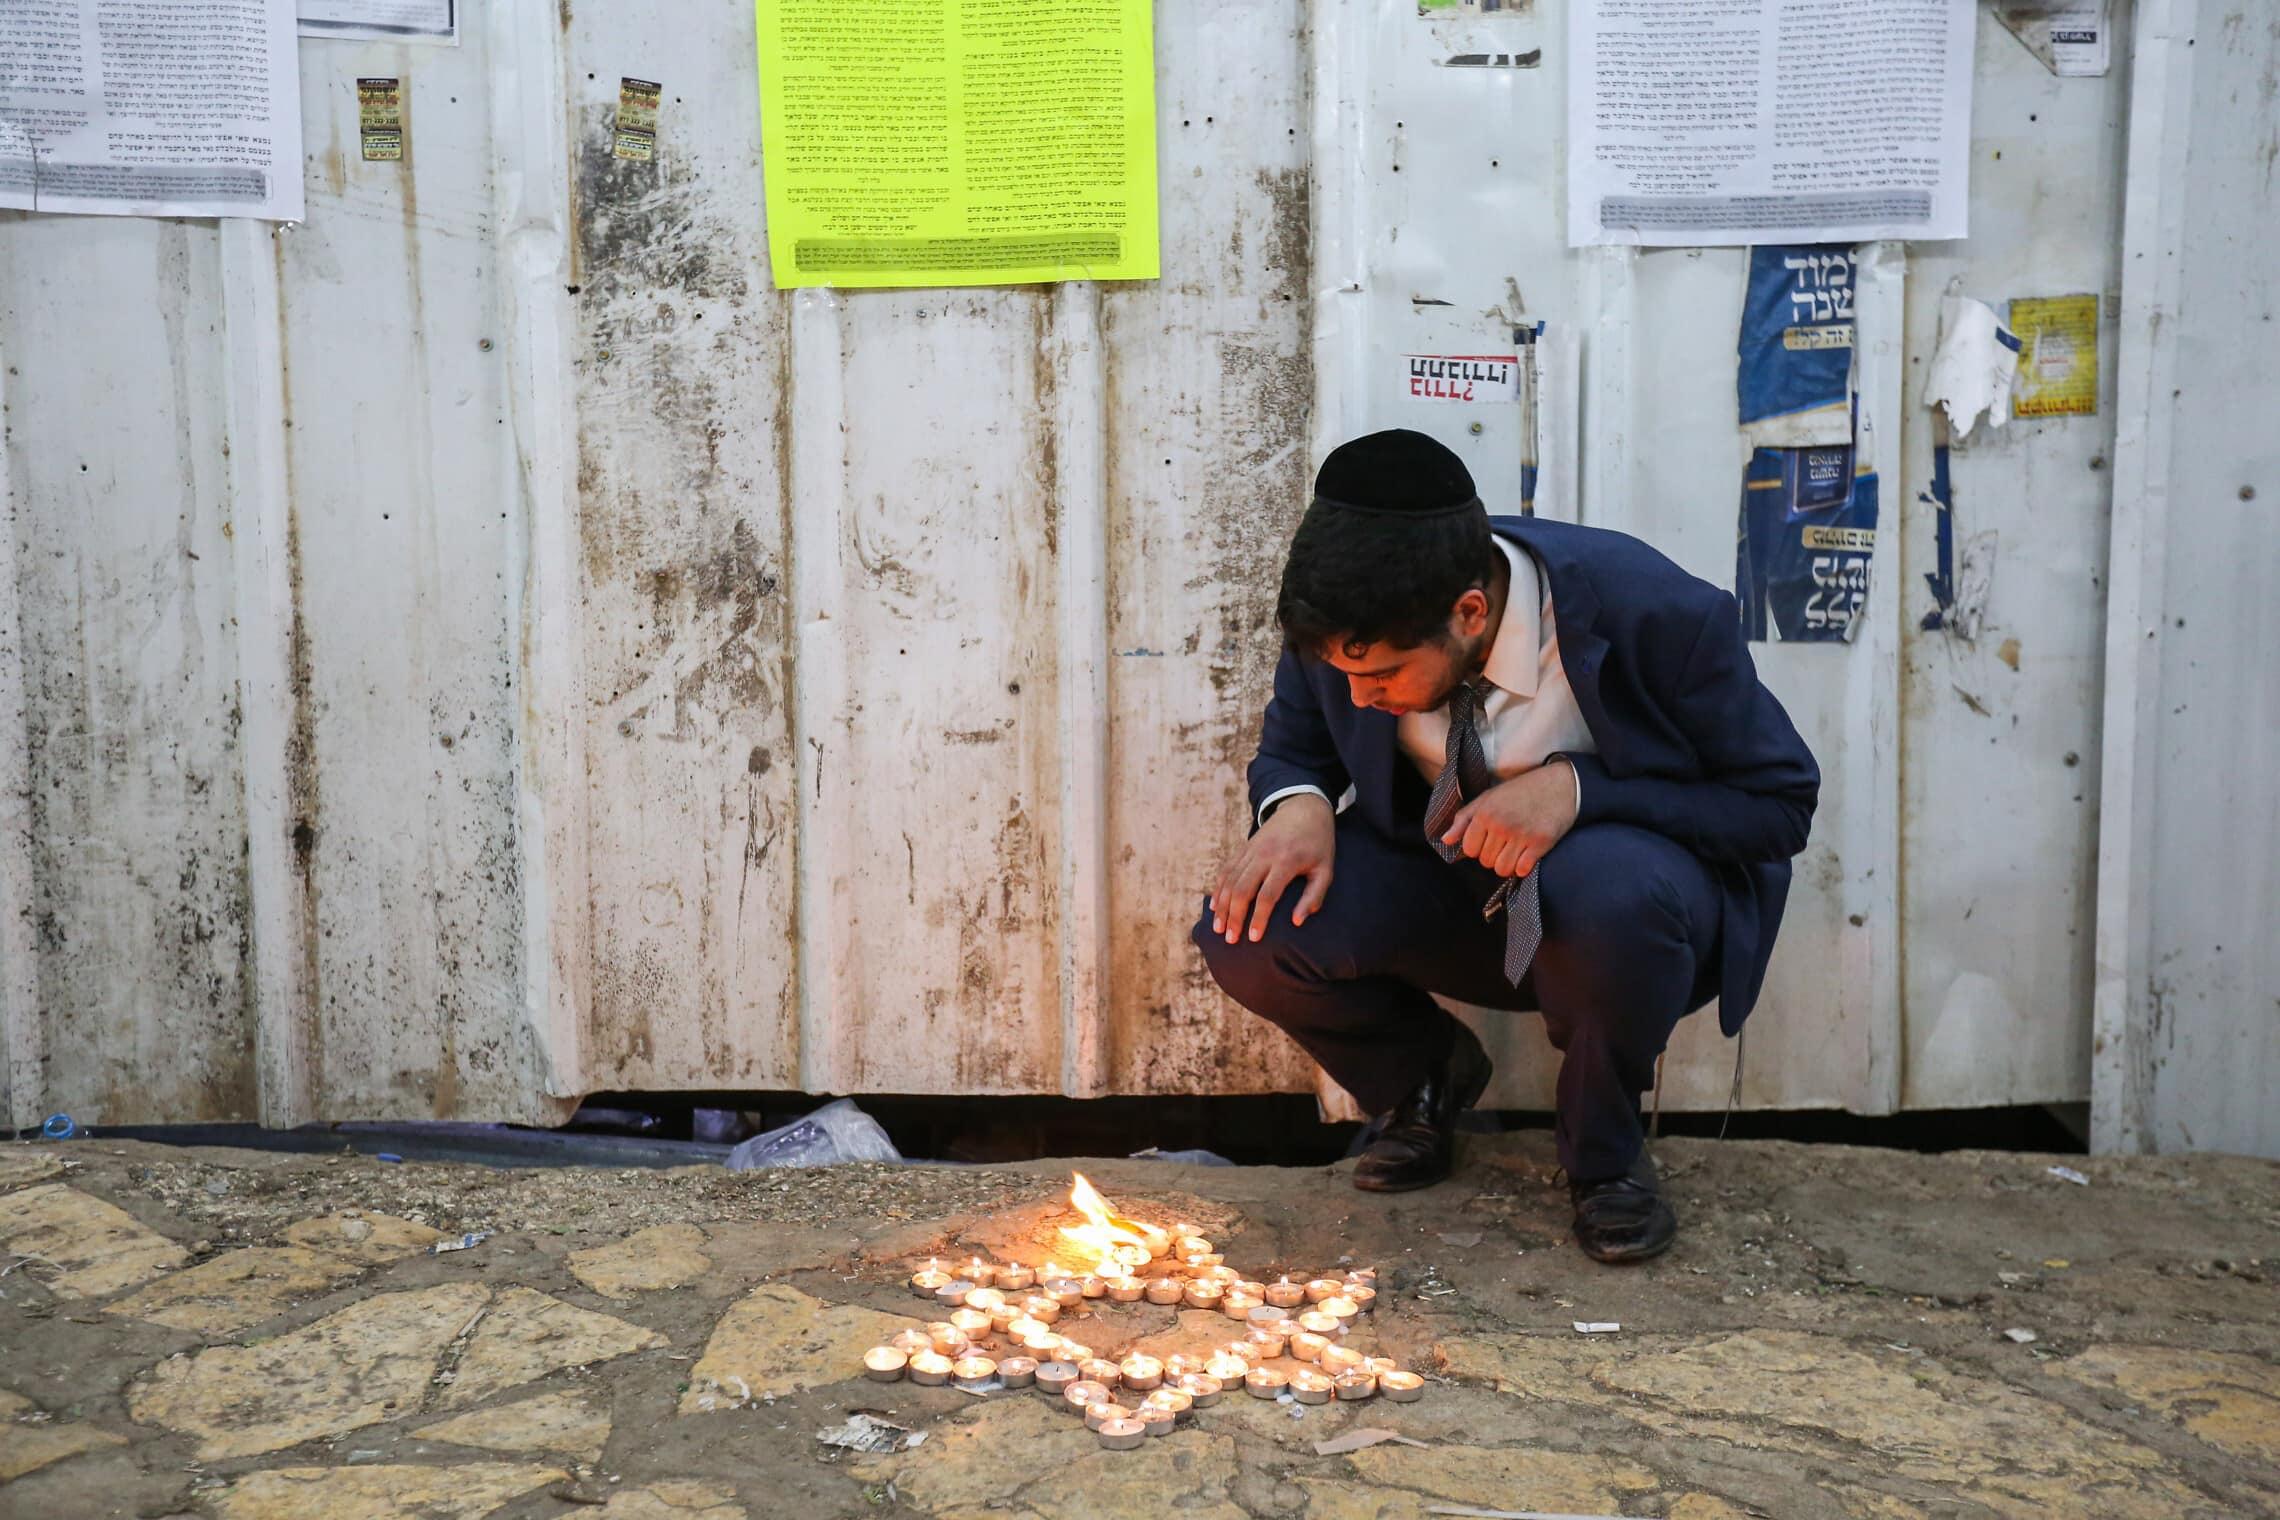 חרדי מדליק נרות בזירת הארוע של האסון בהר מירוון, 1 במאי 2021 (צילום: דוד כהן/פלאש90)